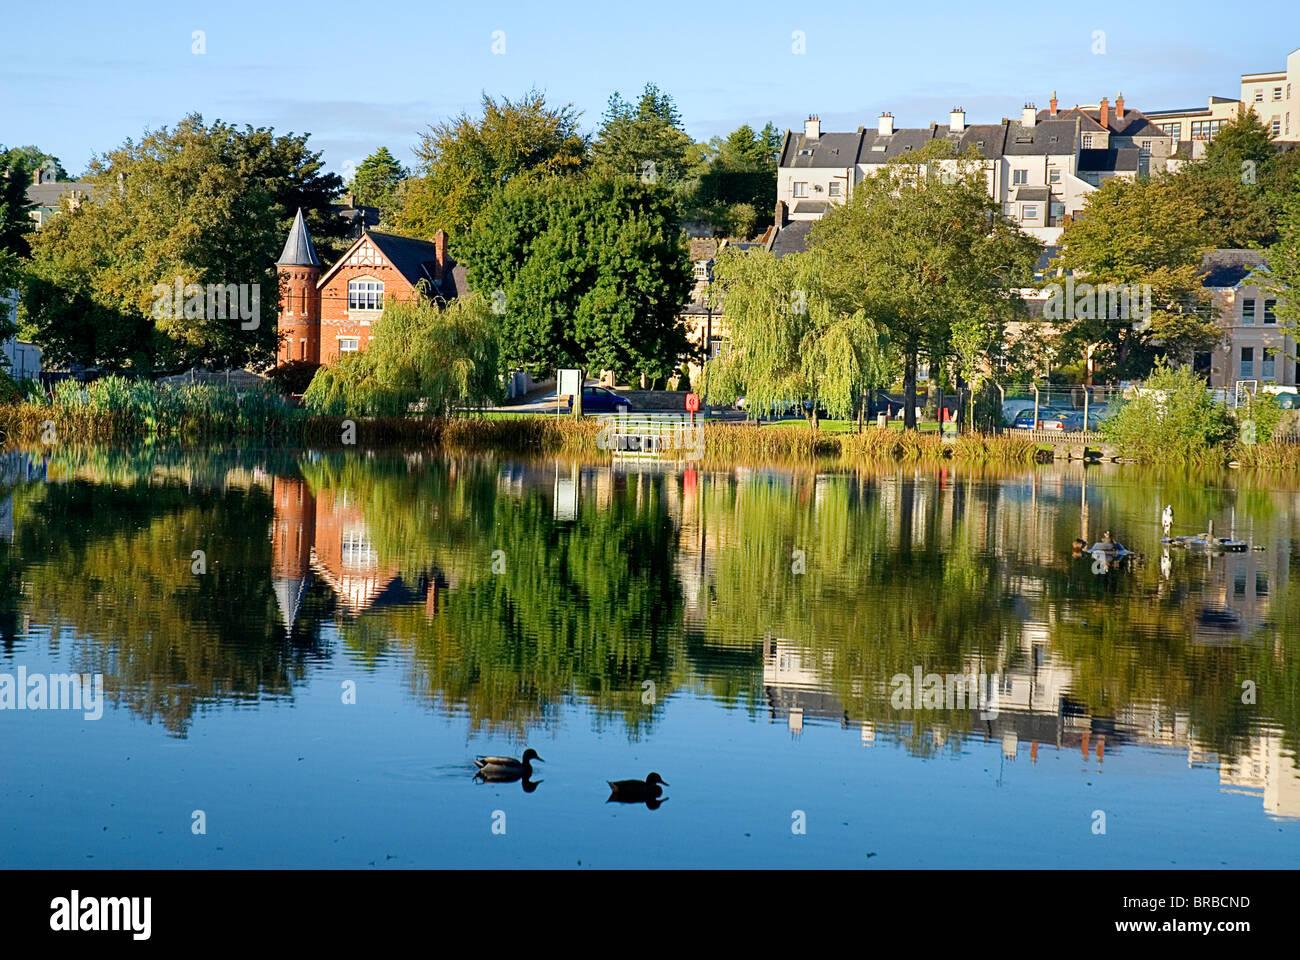 Online Chat & Dating in Monaghan | Meet Men & Women in